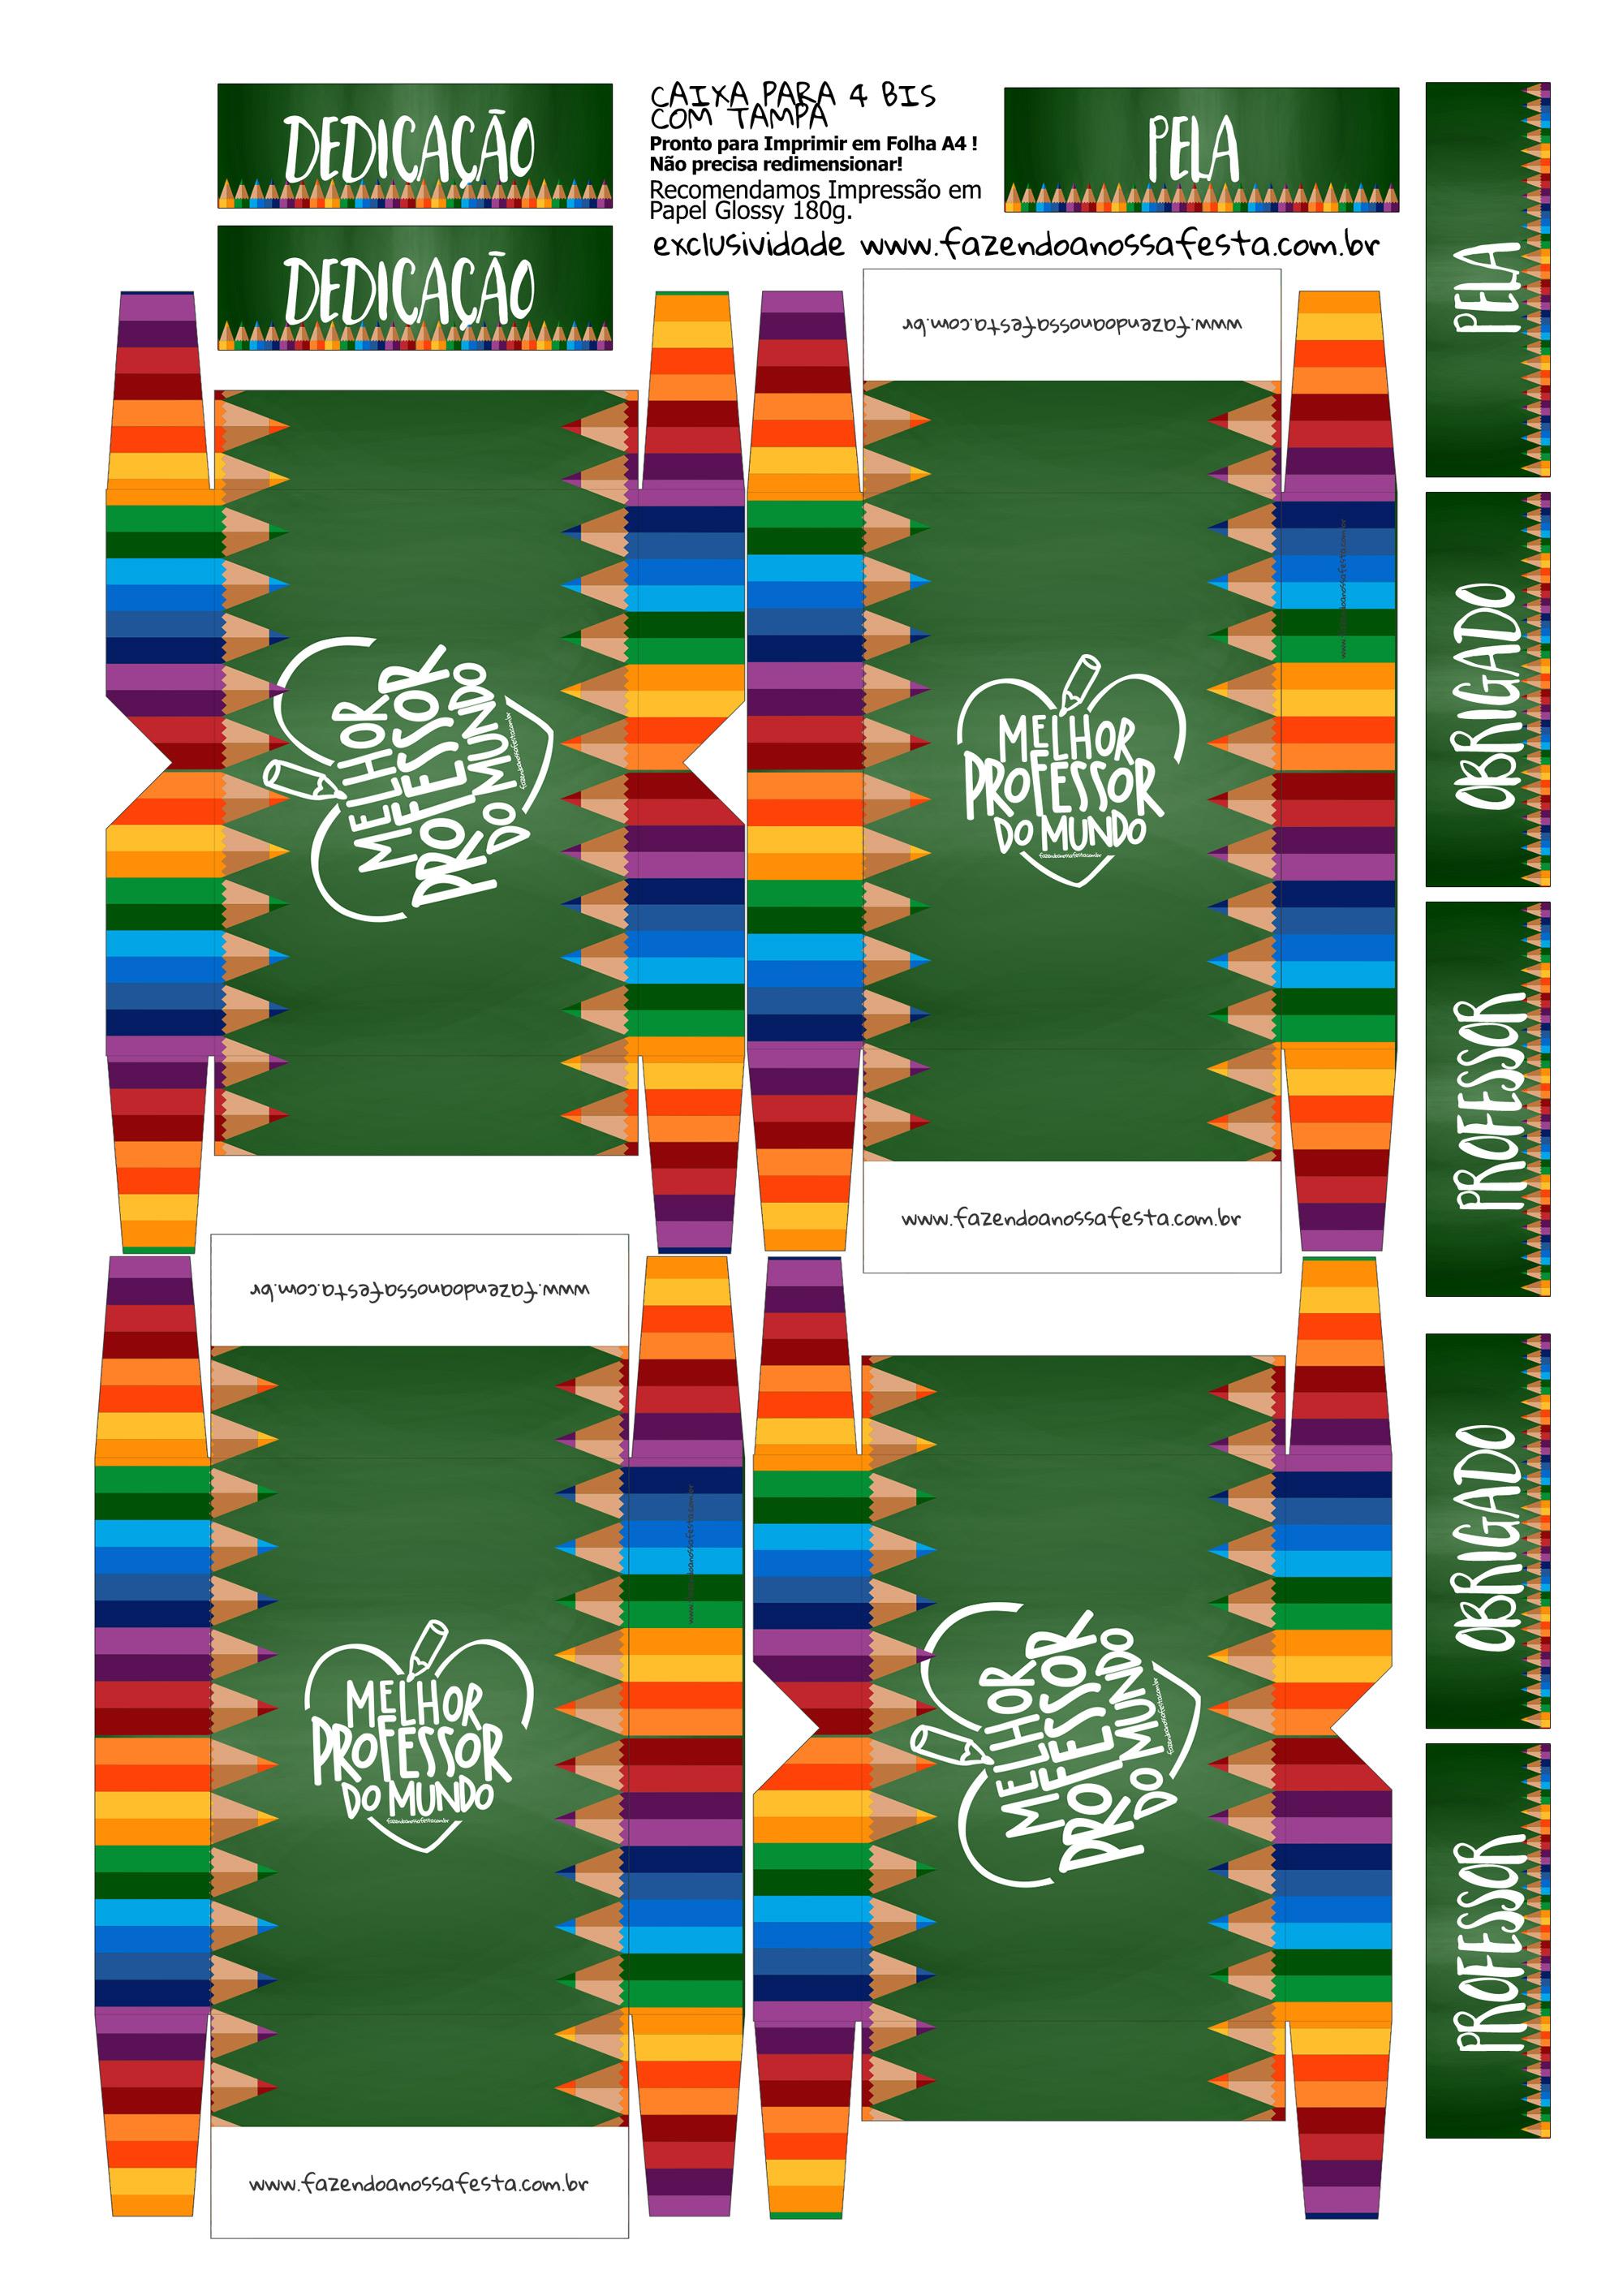 Caixa 4 Bis Verde Lembrancinha Dia do Professor